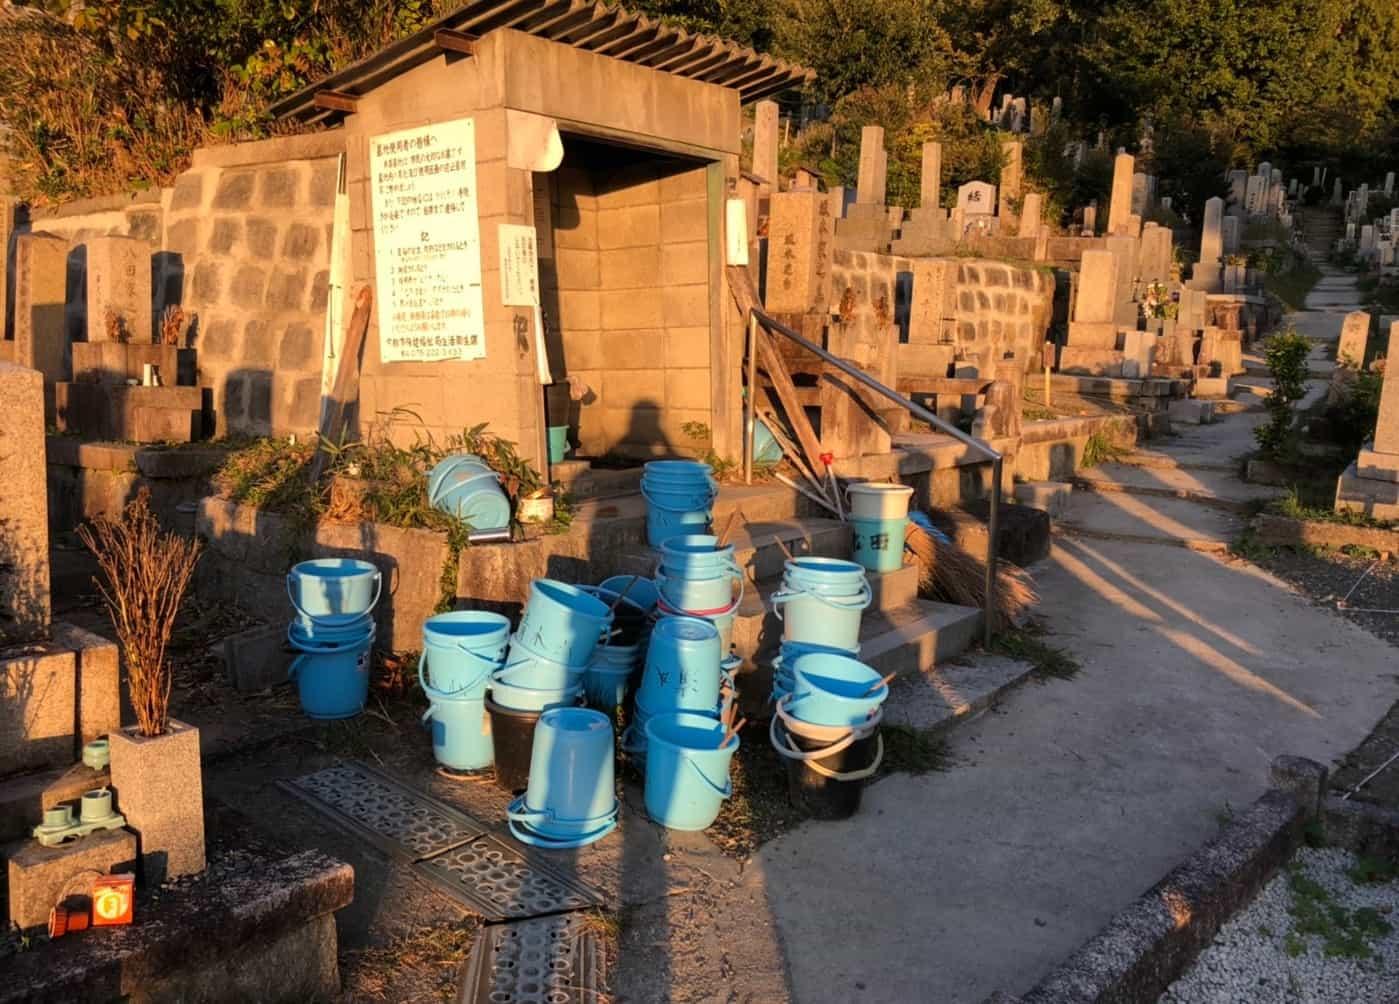 京都市営清水山墓地のバケツ置き場